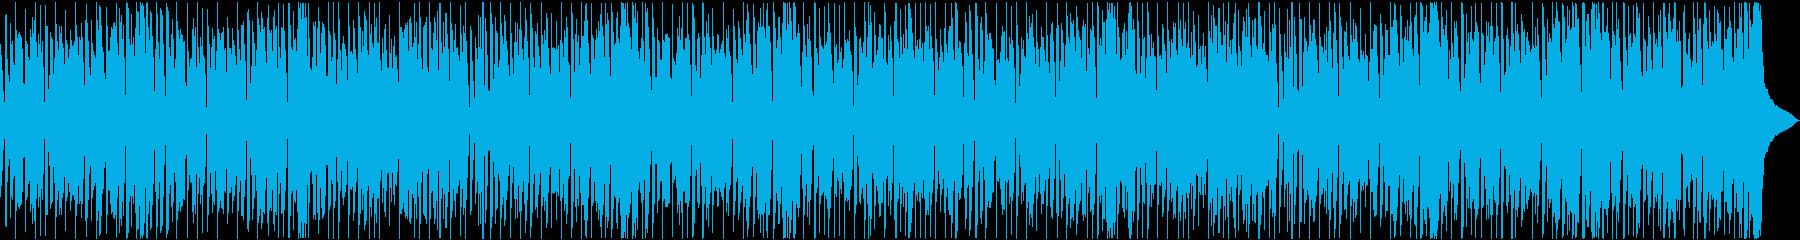 ちょっとした日常、ほのぼの、のんびりの再生済みの波形